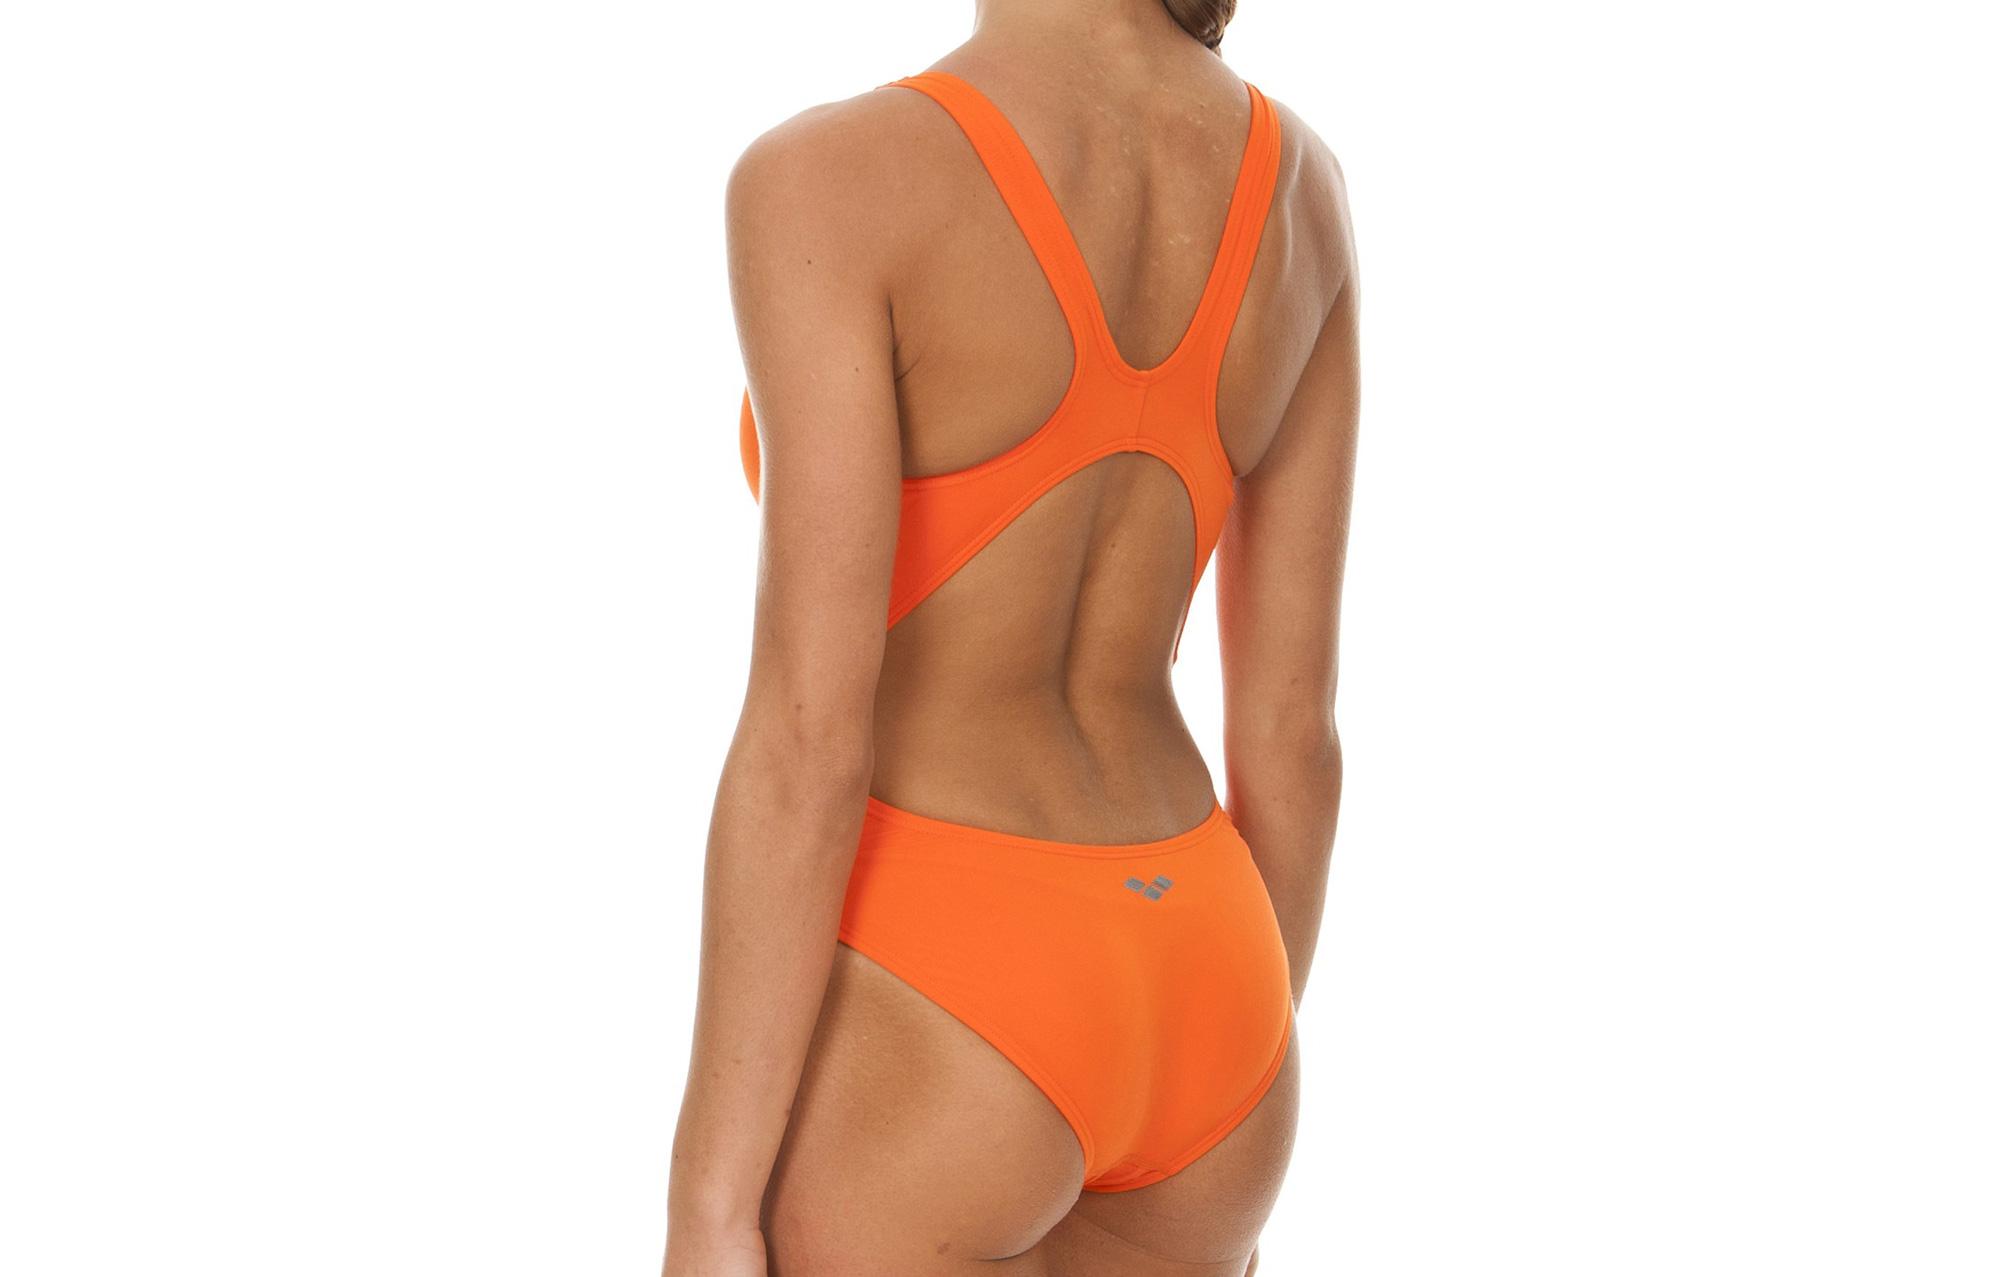 arena maillot de bain femme makinas high orange. Black Bedroom Furniture Sets. Home Design Ideas